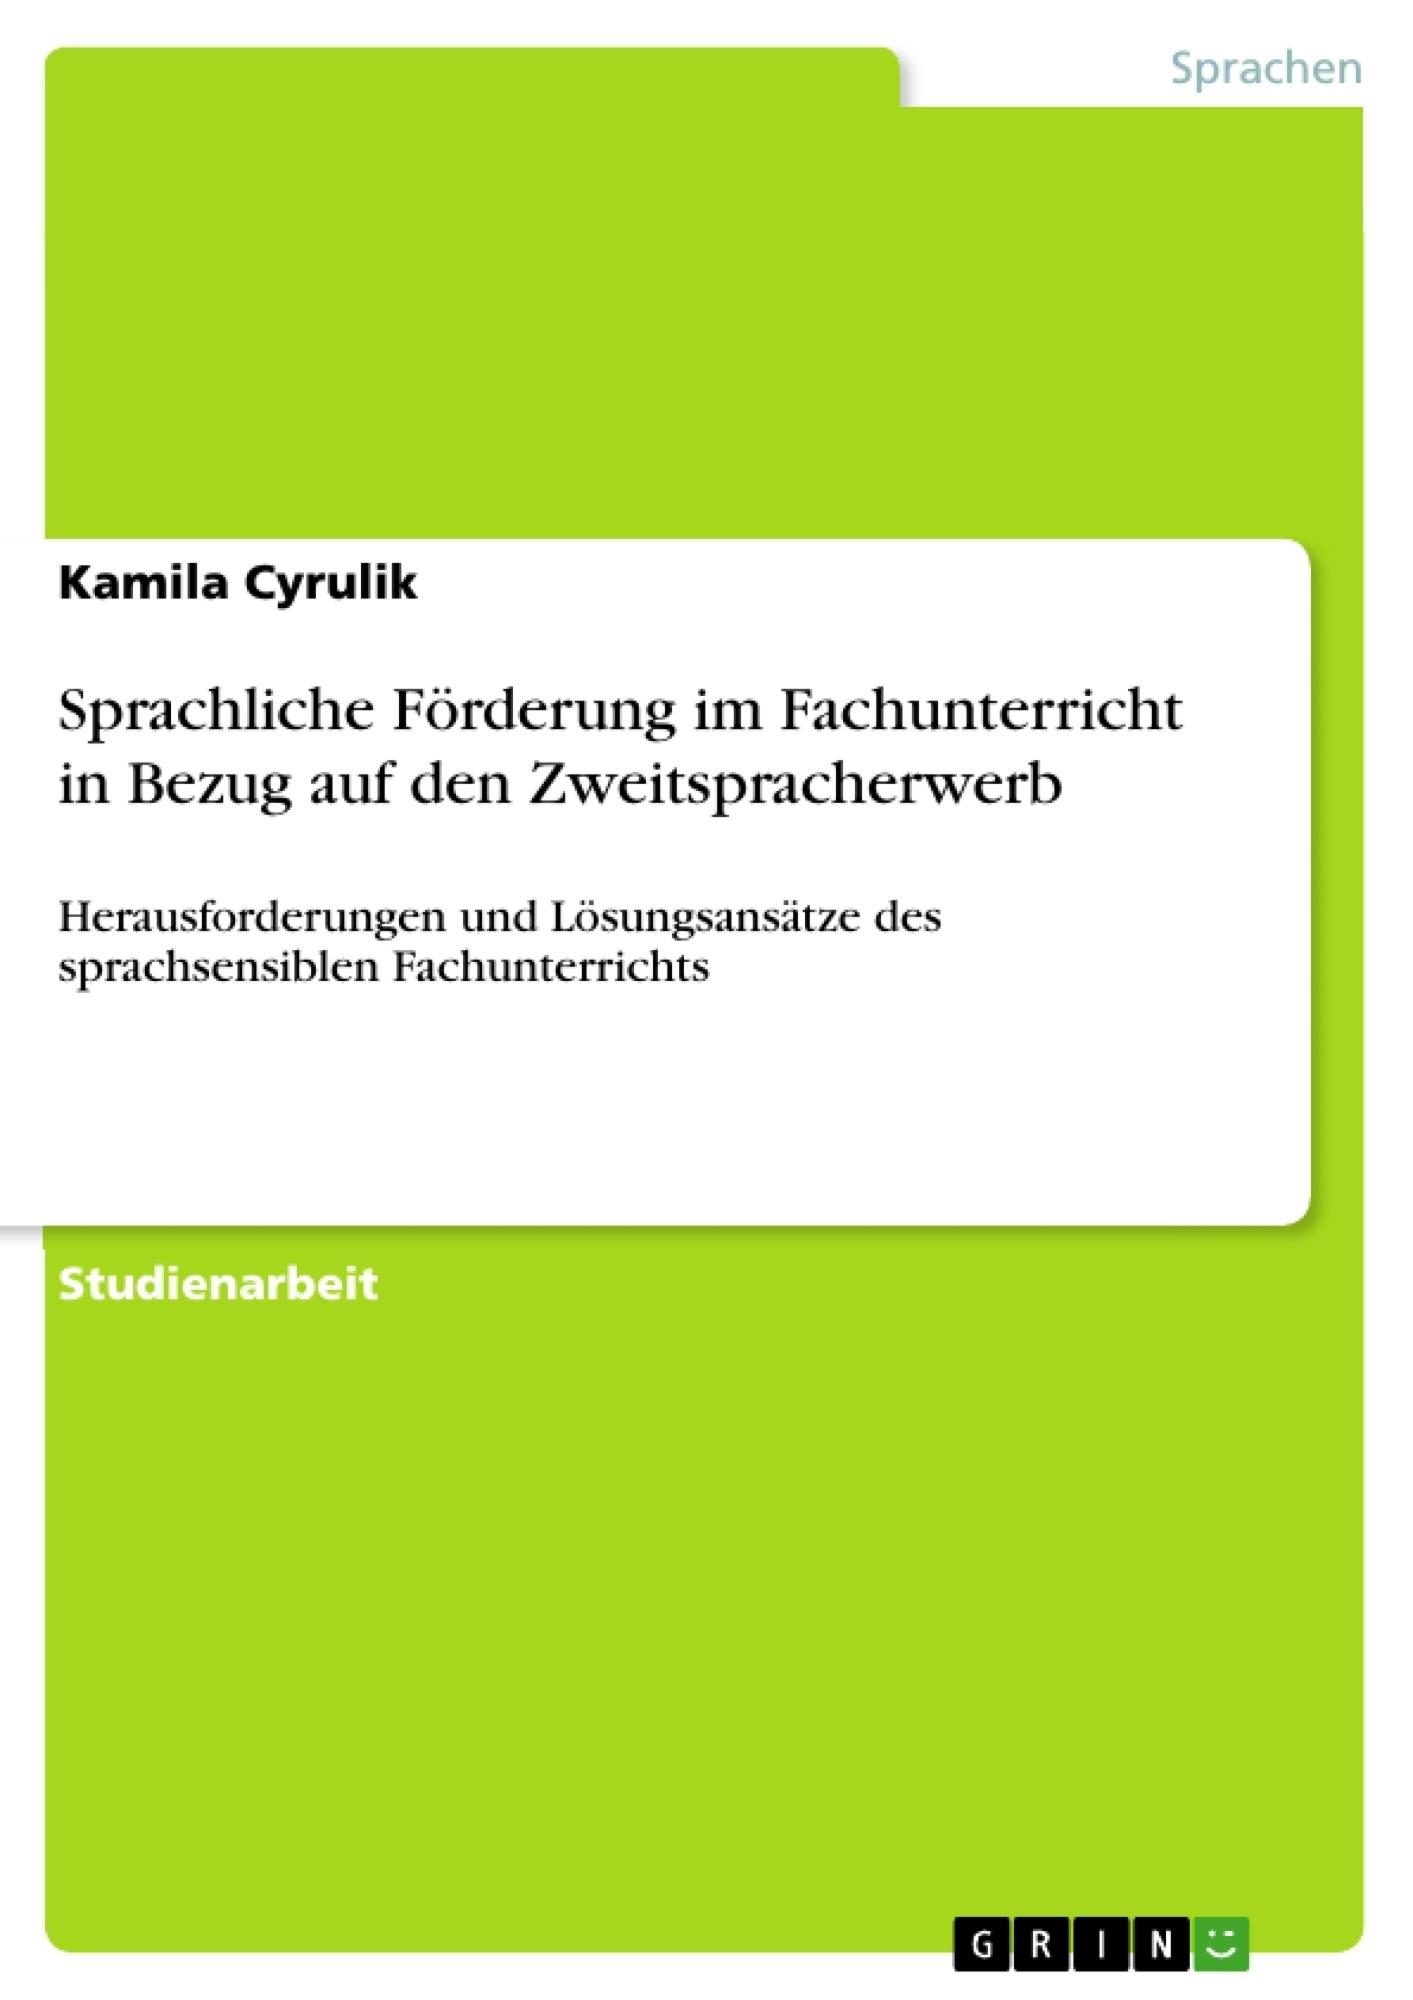 Titel: Sprachliche Förderung im Fachunterricht in Bezug auf den Zweitspracherwerb